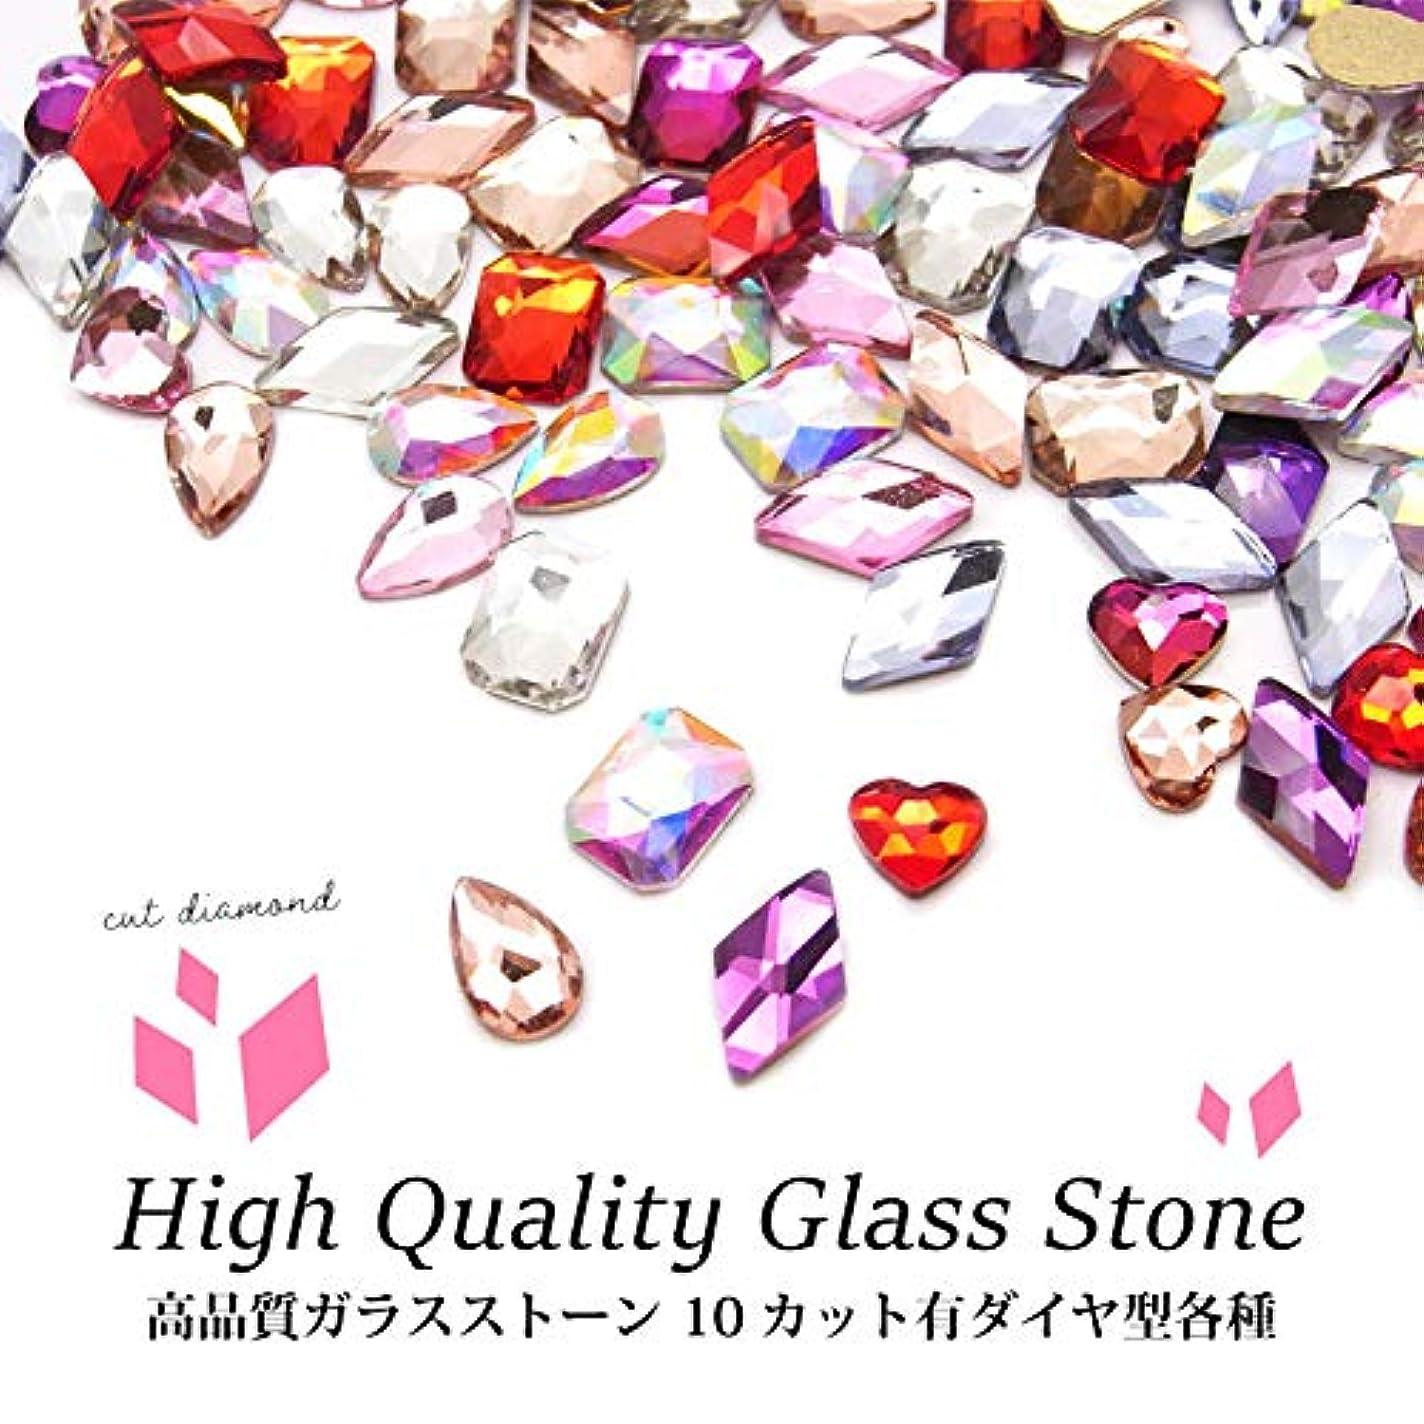 メダリスト尊厳百年高品質ガラスストーン 10 カット有ダイヤ型 各種 5個入り (6.ライトローズ)